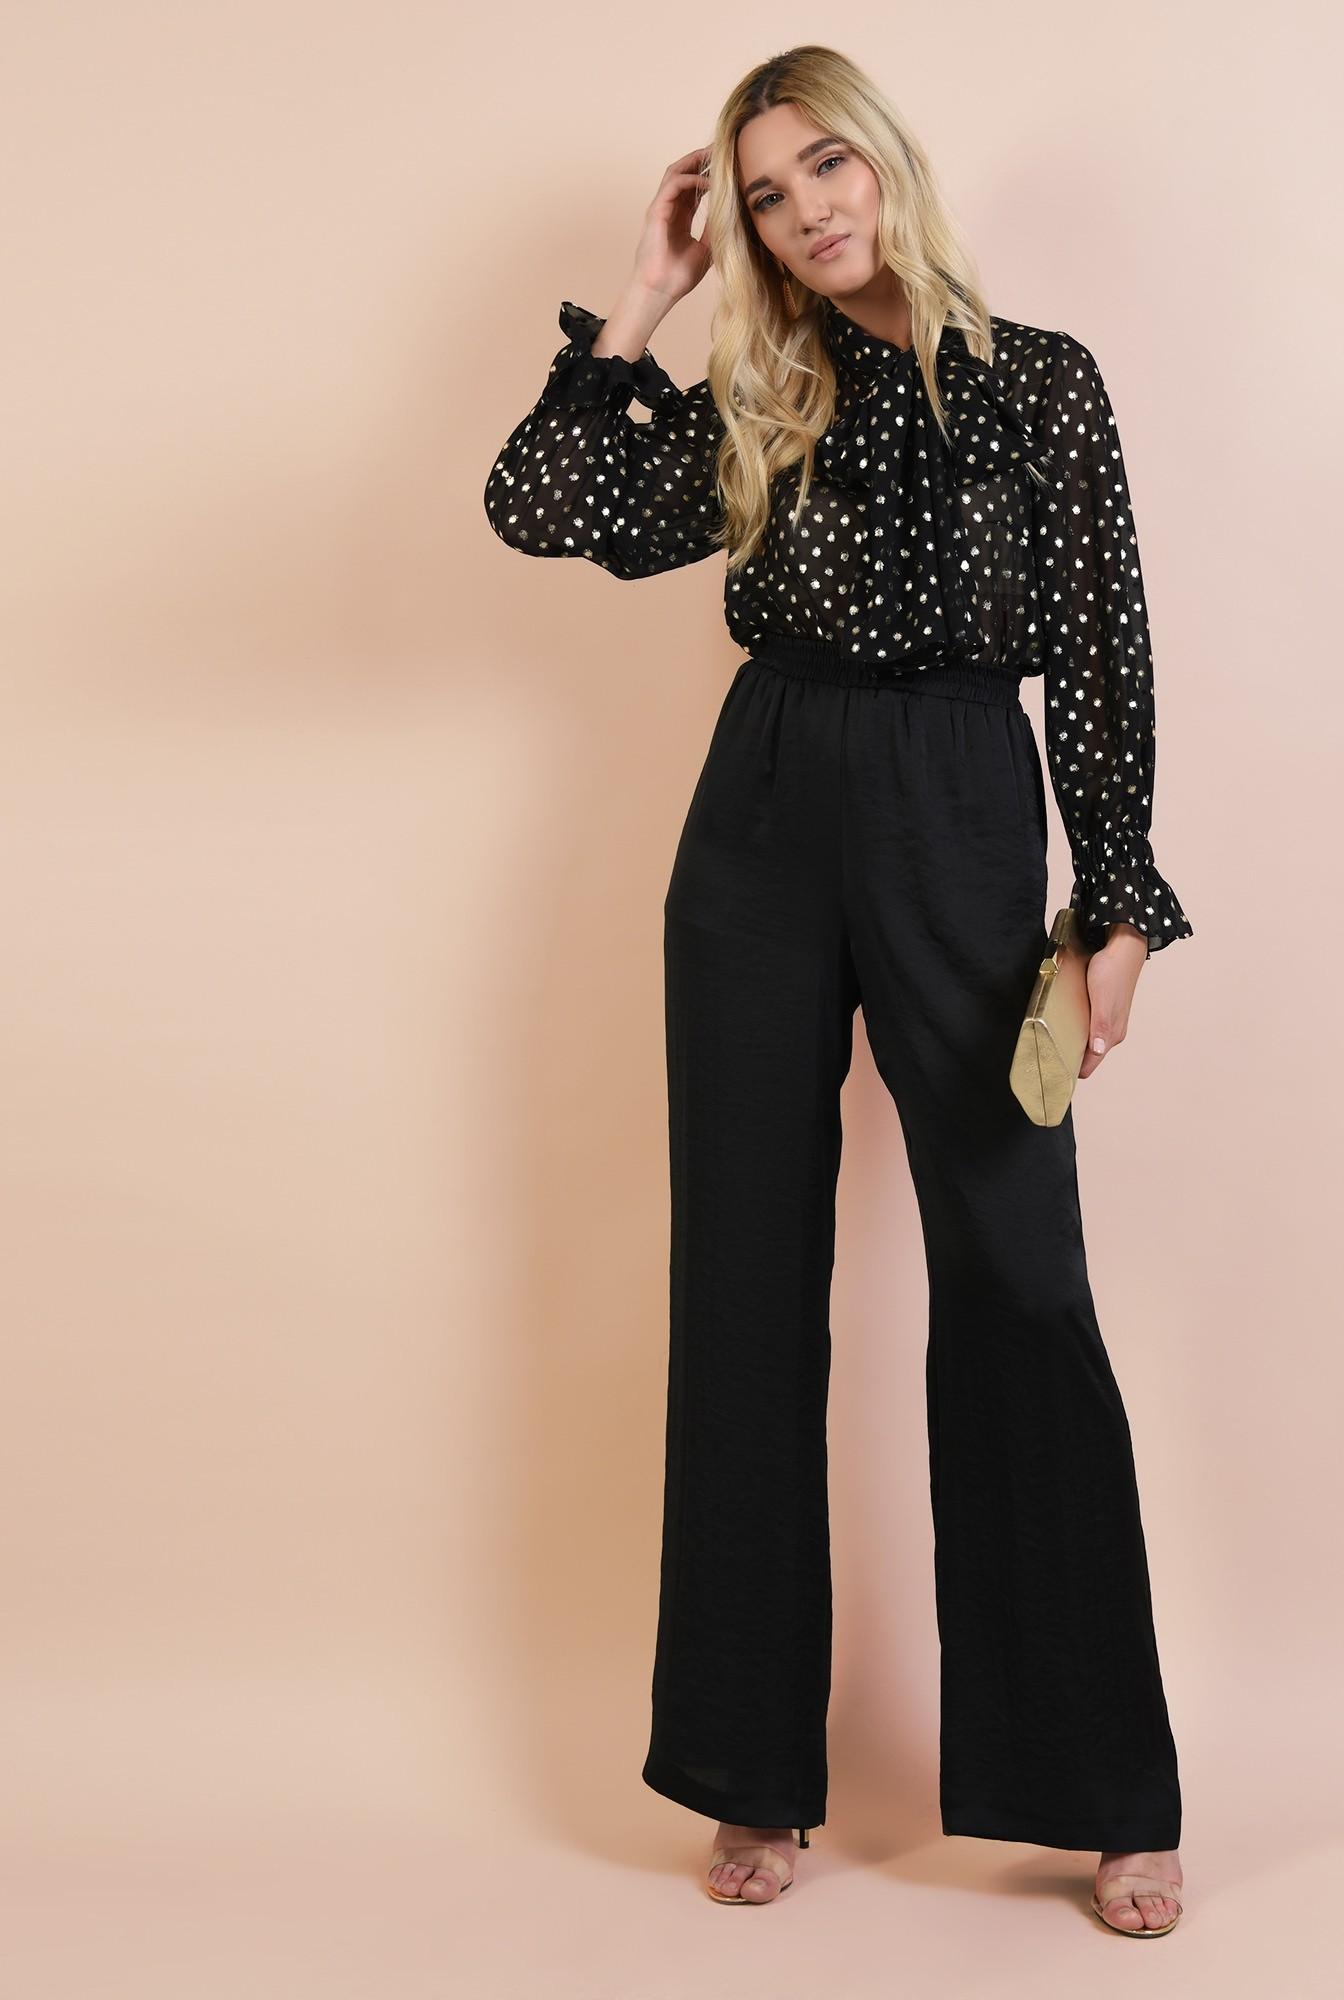 0 - pantaloni eleganti, negri, din satin, croi evazat, betelie pe elastic